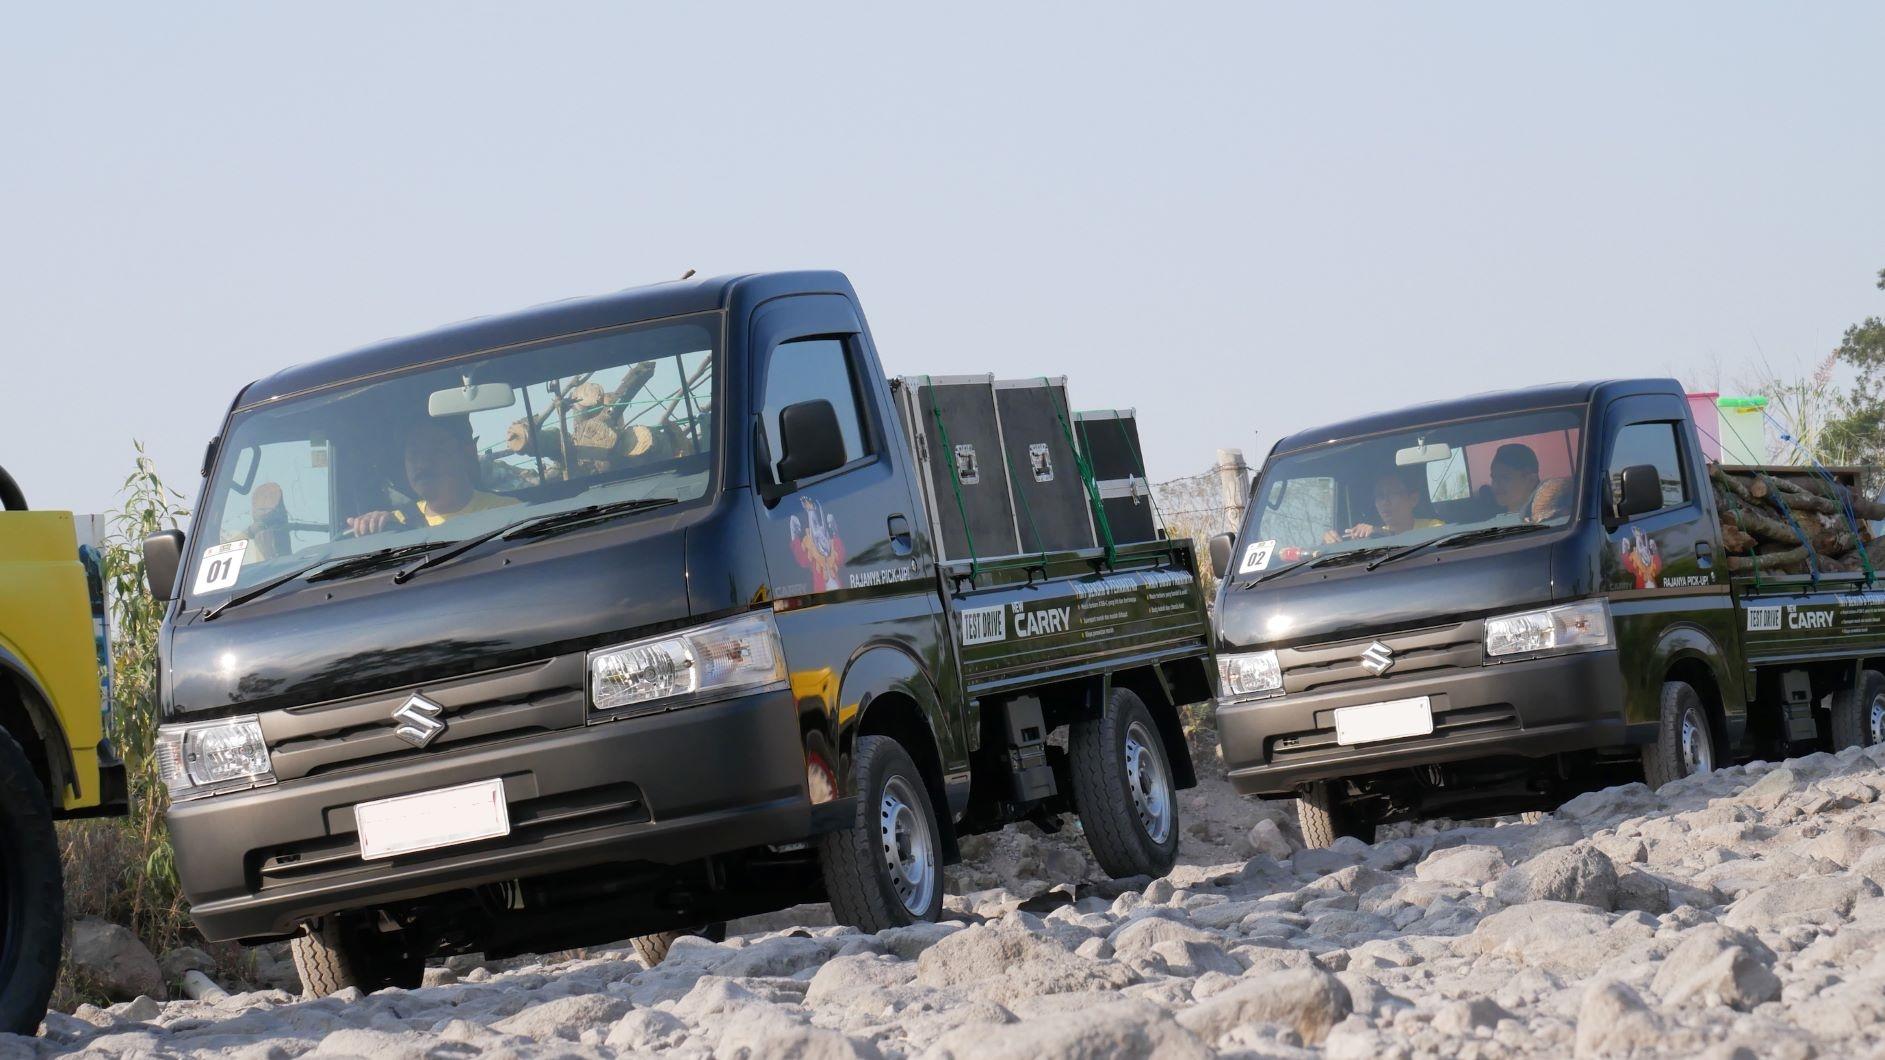 New Carry Pick Up jadi Mobil Terlaris, Suzuki Beri Anjuran Perawatan Ban